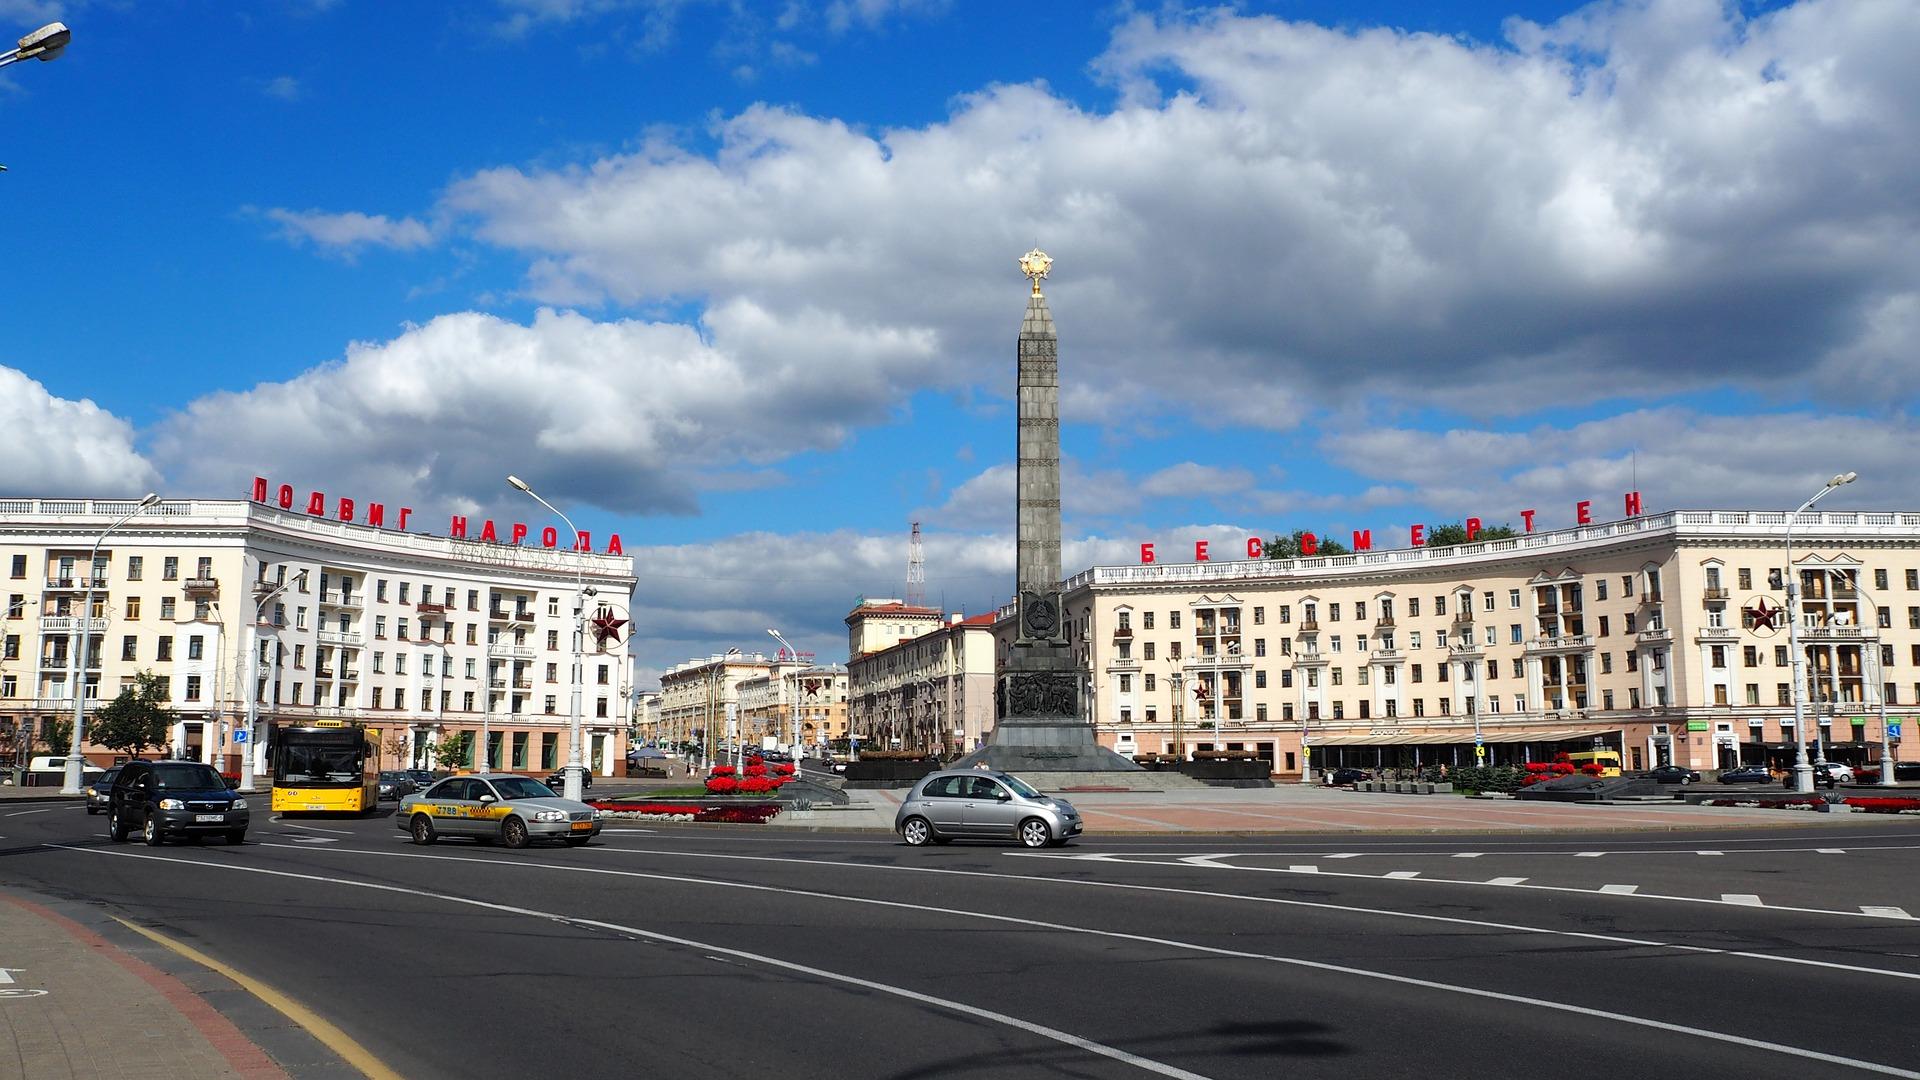 Widok na ulicę w Miński, stolicy Białorusi (fot. pixabay.com)